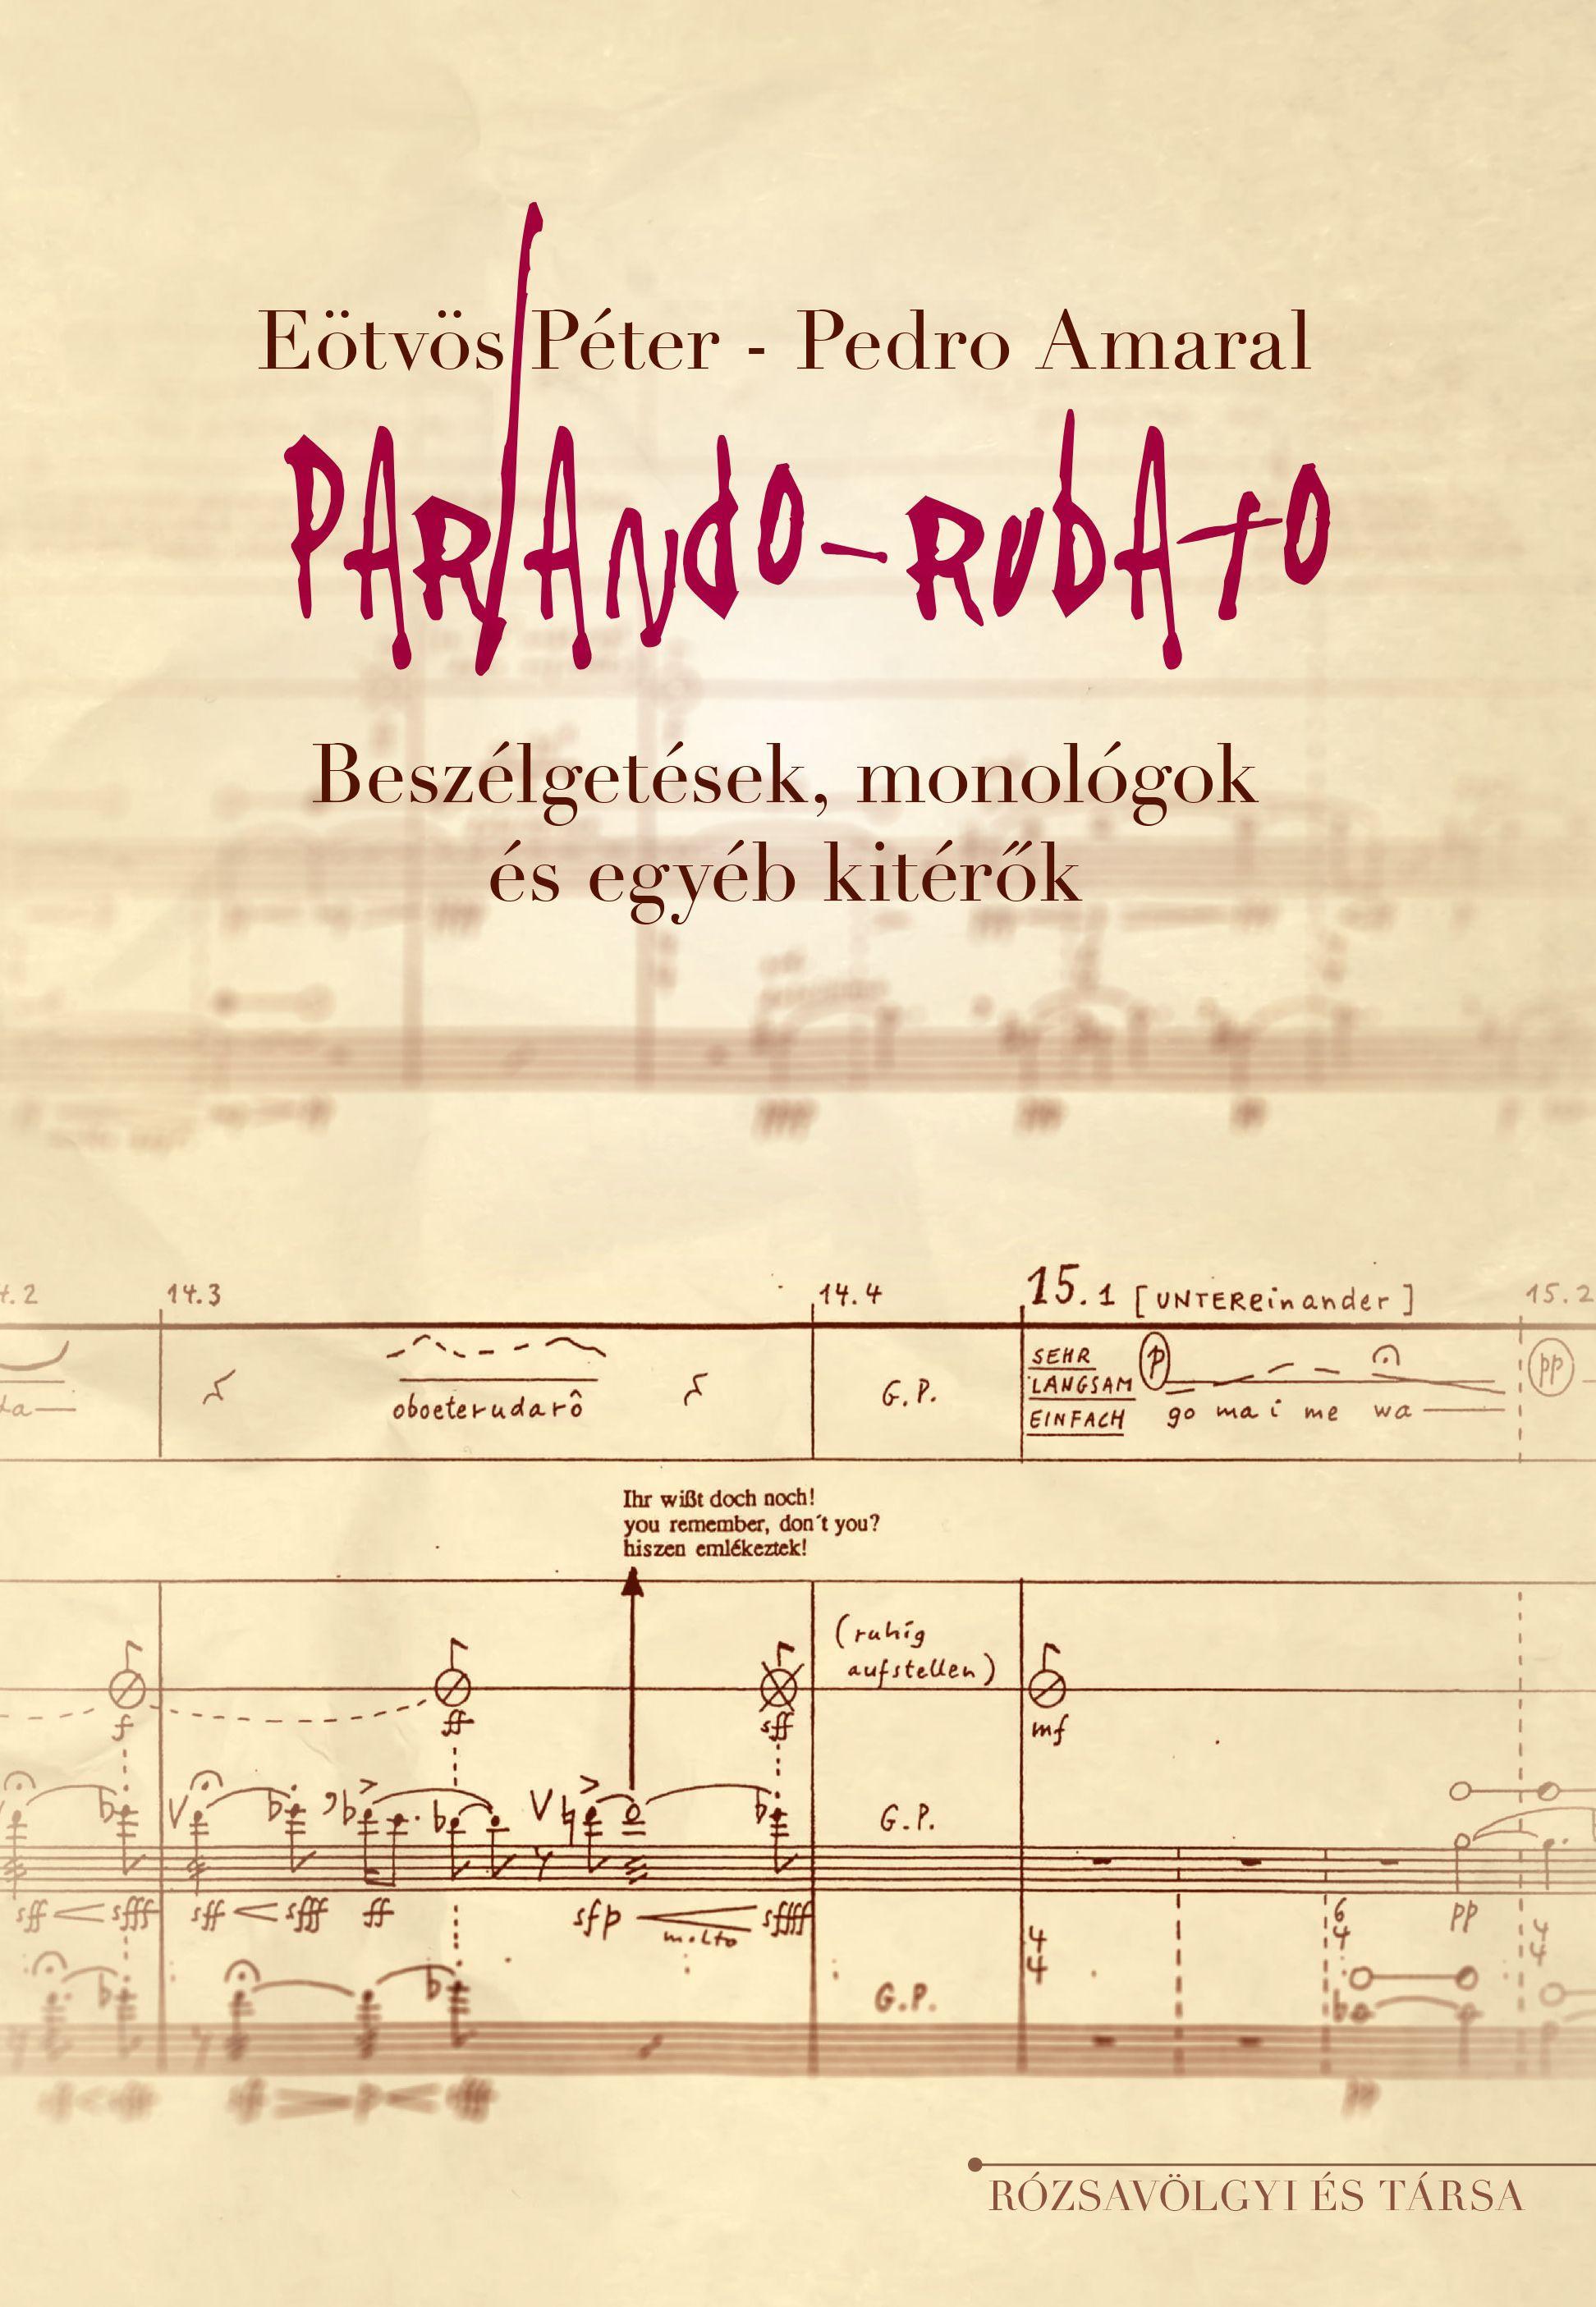 Eötvös Péter - Pedro Amaral - Parlando-Rubato - Beszélgetések, monológok és egyéb kitérők